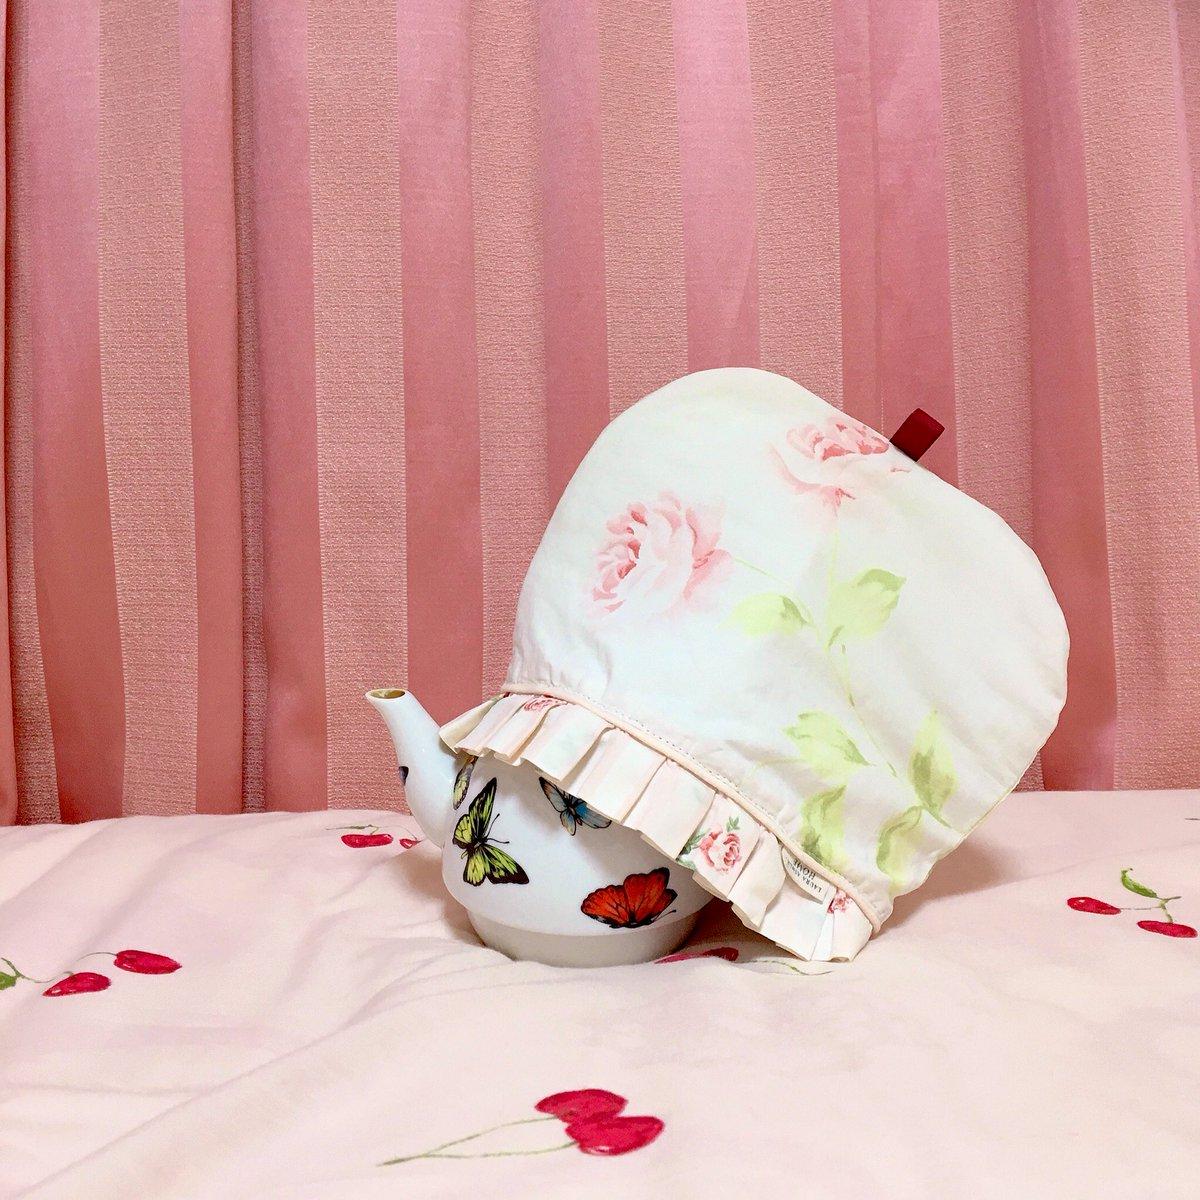 test ツイッターメディア - お気に入りのローラアシュレイの枕カバーが破れてしまったので、ティーコゼーにリメイクしてみました💪✨  がんばったけど、誰にも見せられないから褒めて!  #外出自粛 #おうち時間 #ローラアシュレイ #ティーコゼー #ハンドメイド #お裁縫 #コロナに負けるな https://t.co/wpBVyeDaz7